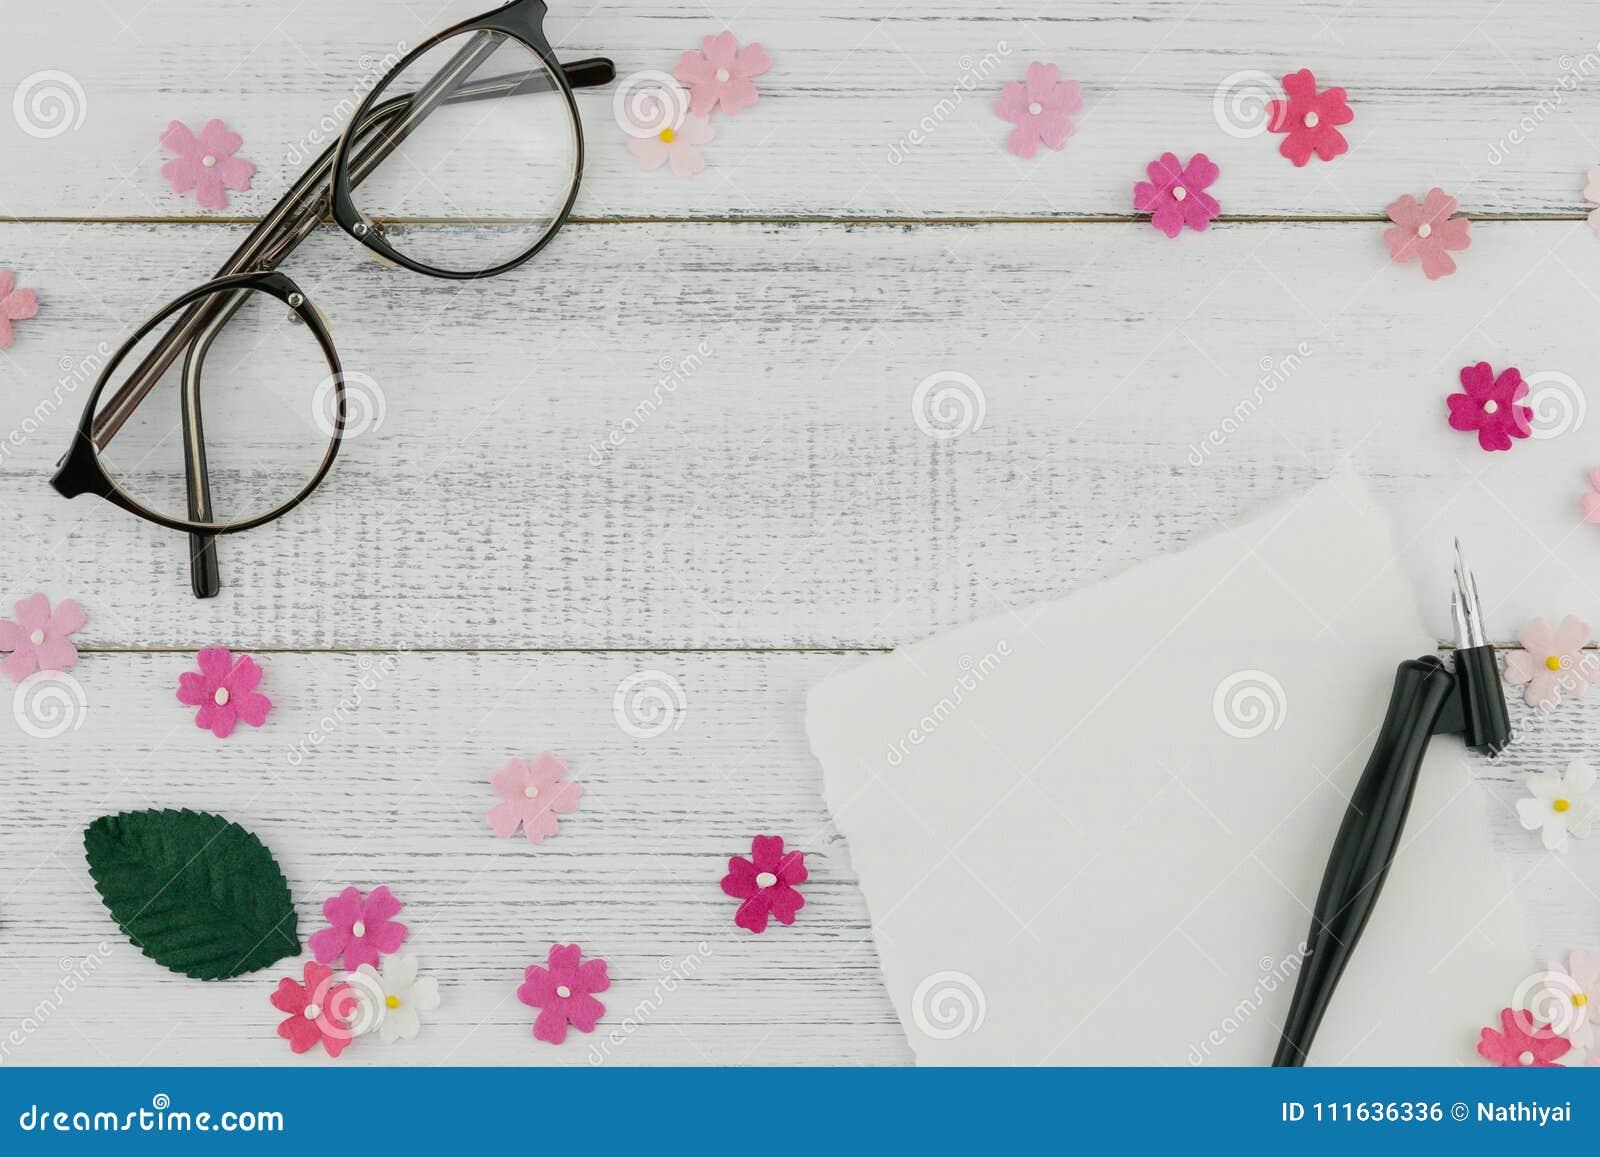 82dc4e1035c Blank White Card